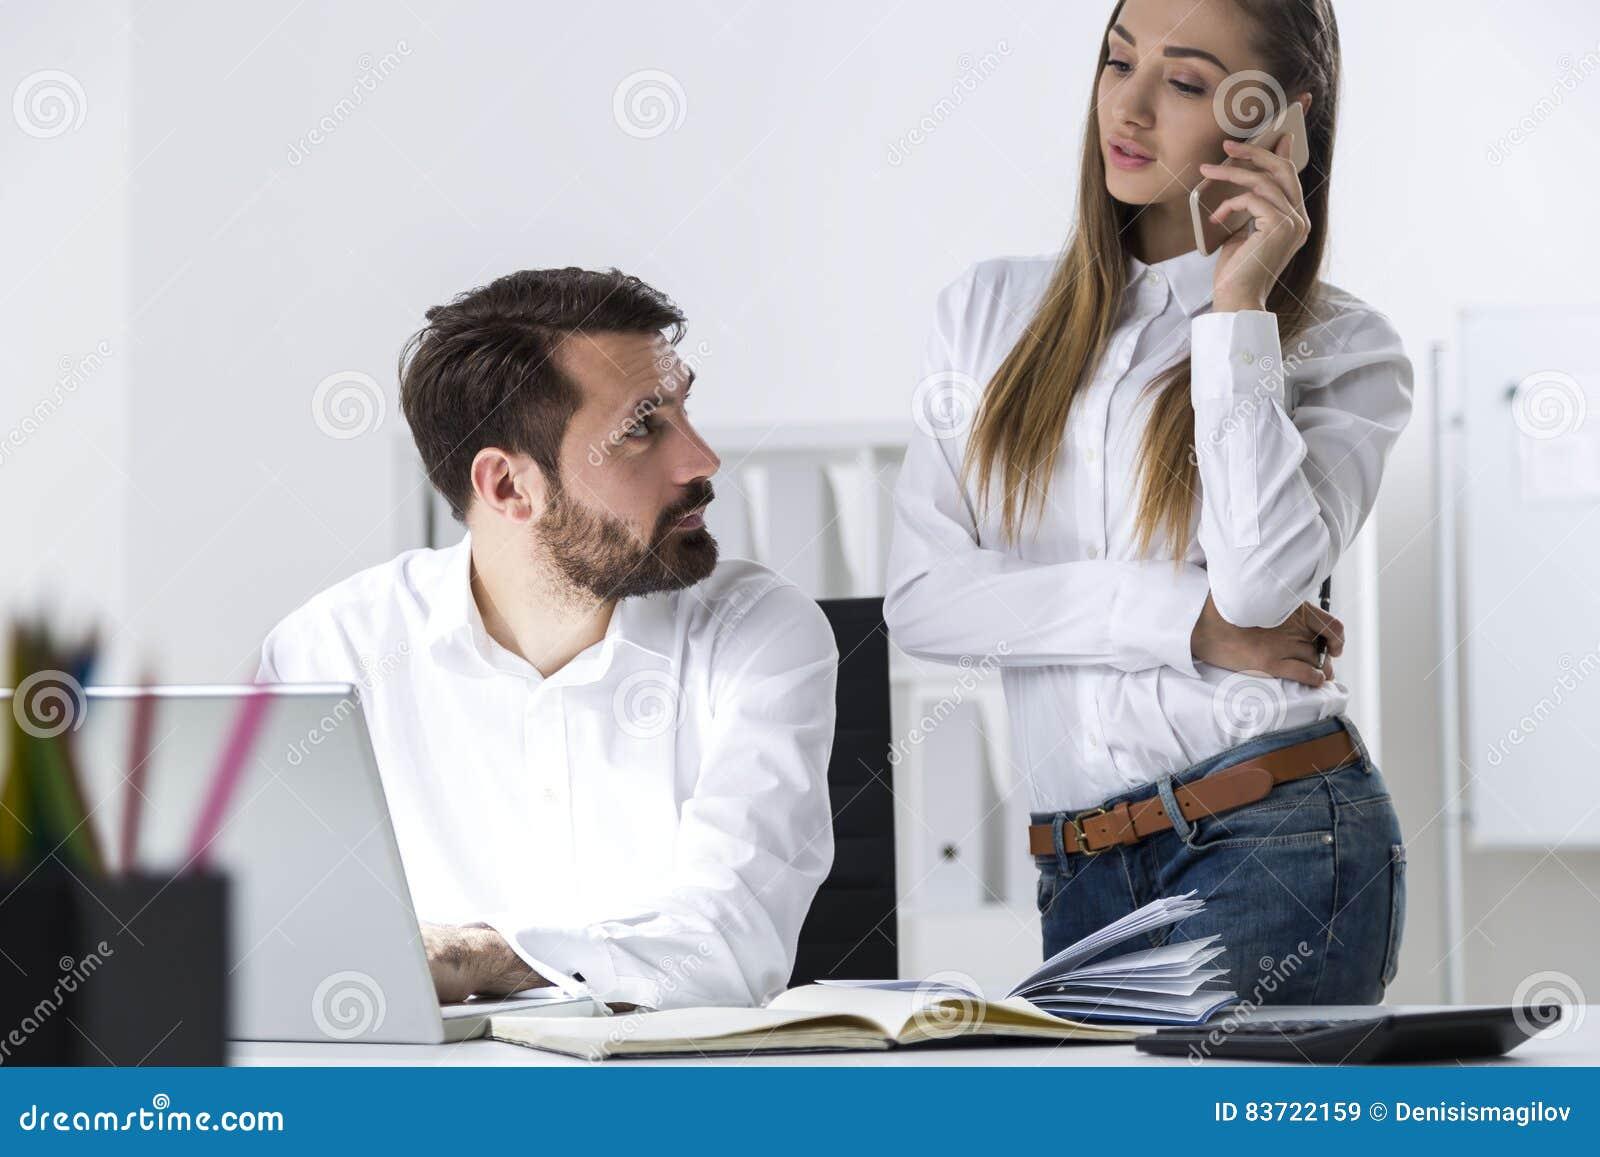 on-biznesmen-a-ona-ego-sekretarsha-dryuchevo-v-pizdu